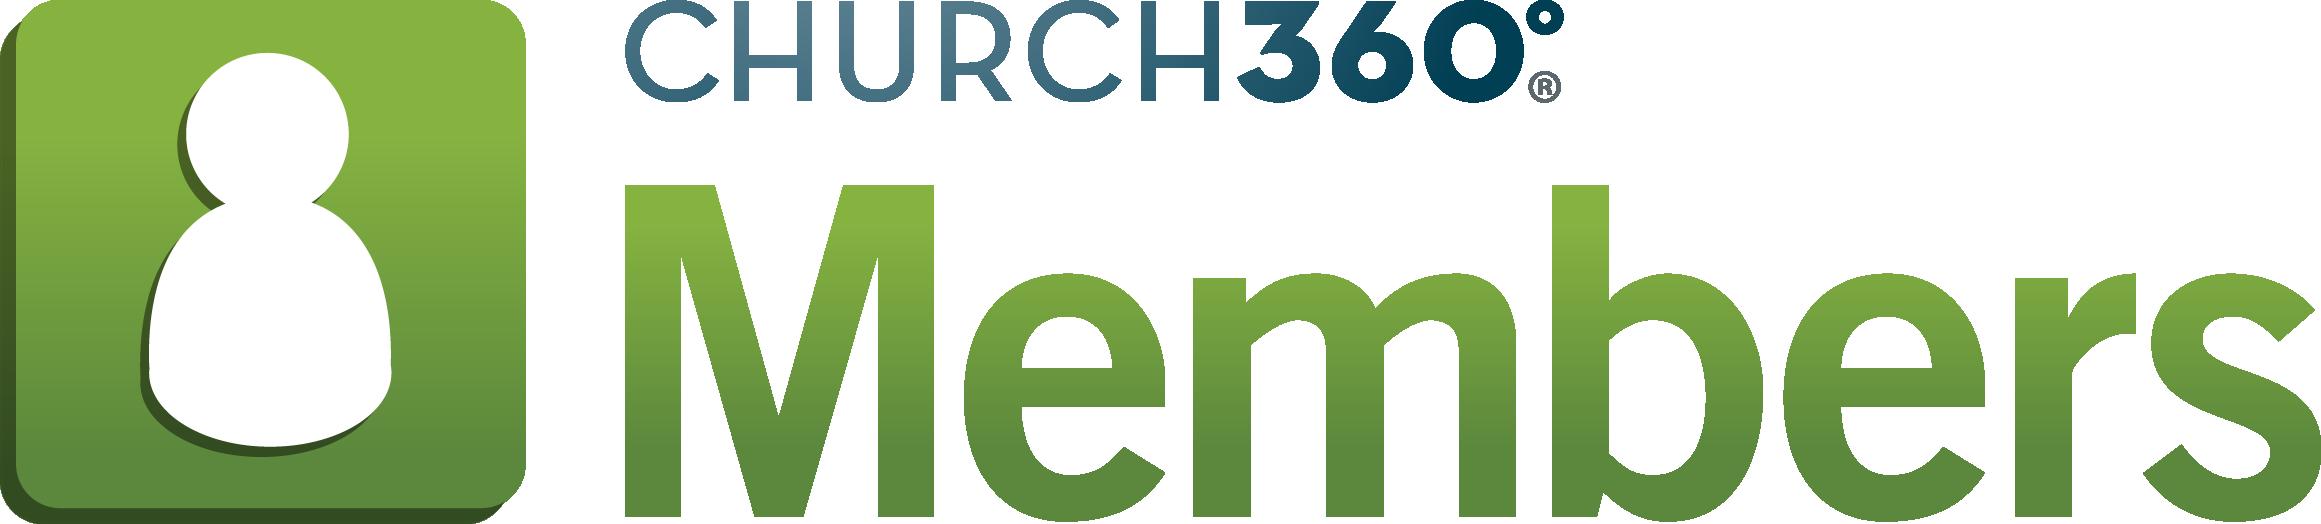 Church360-Members